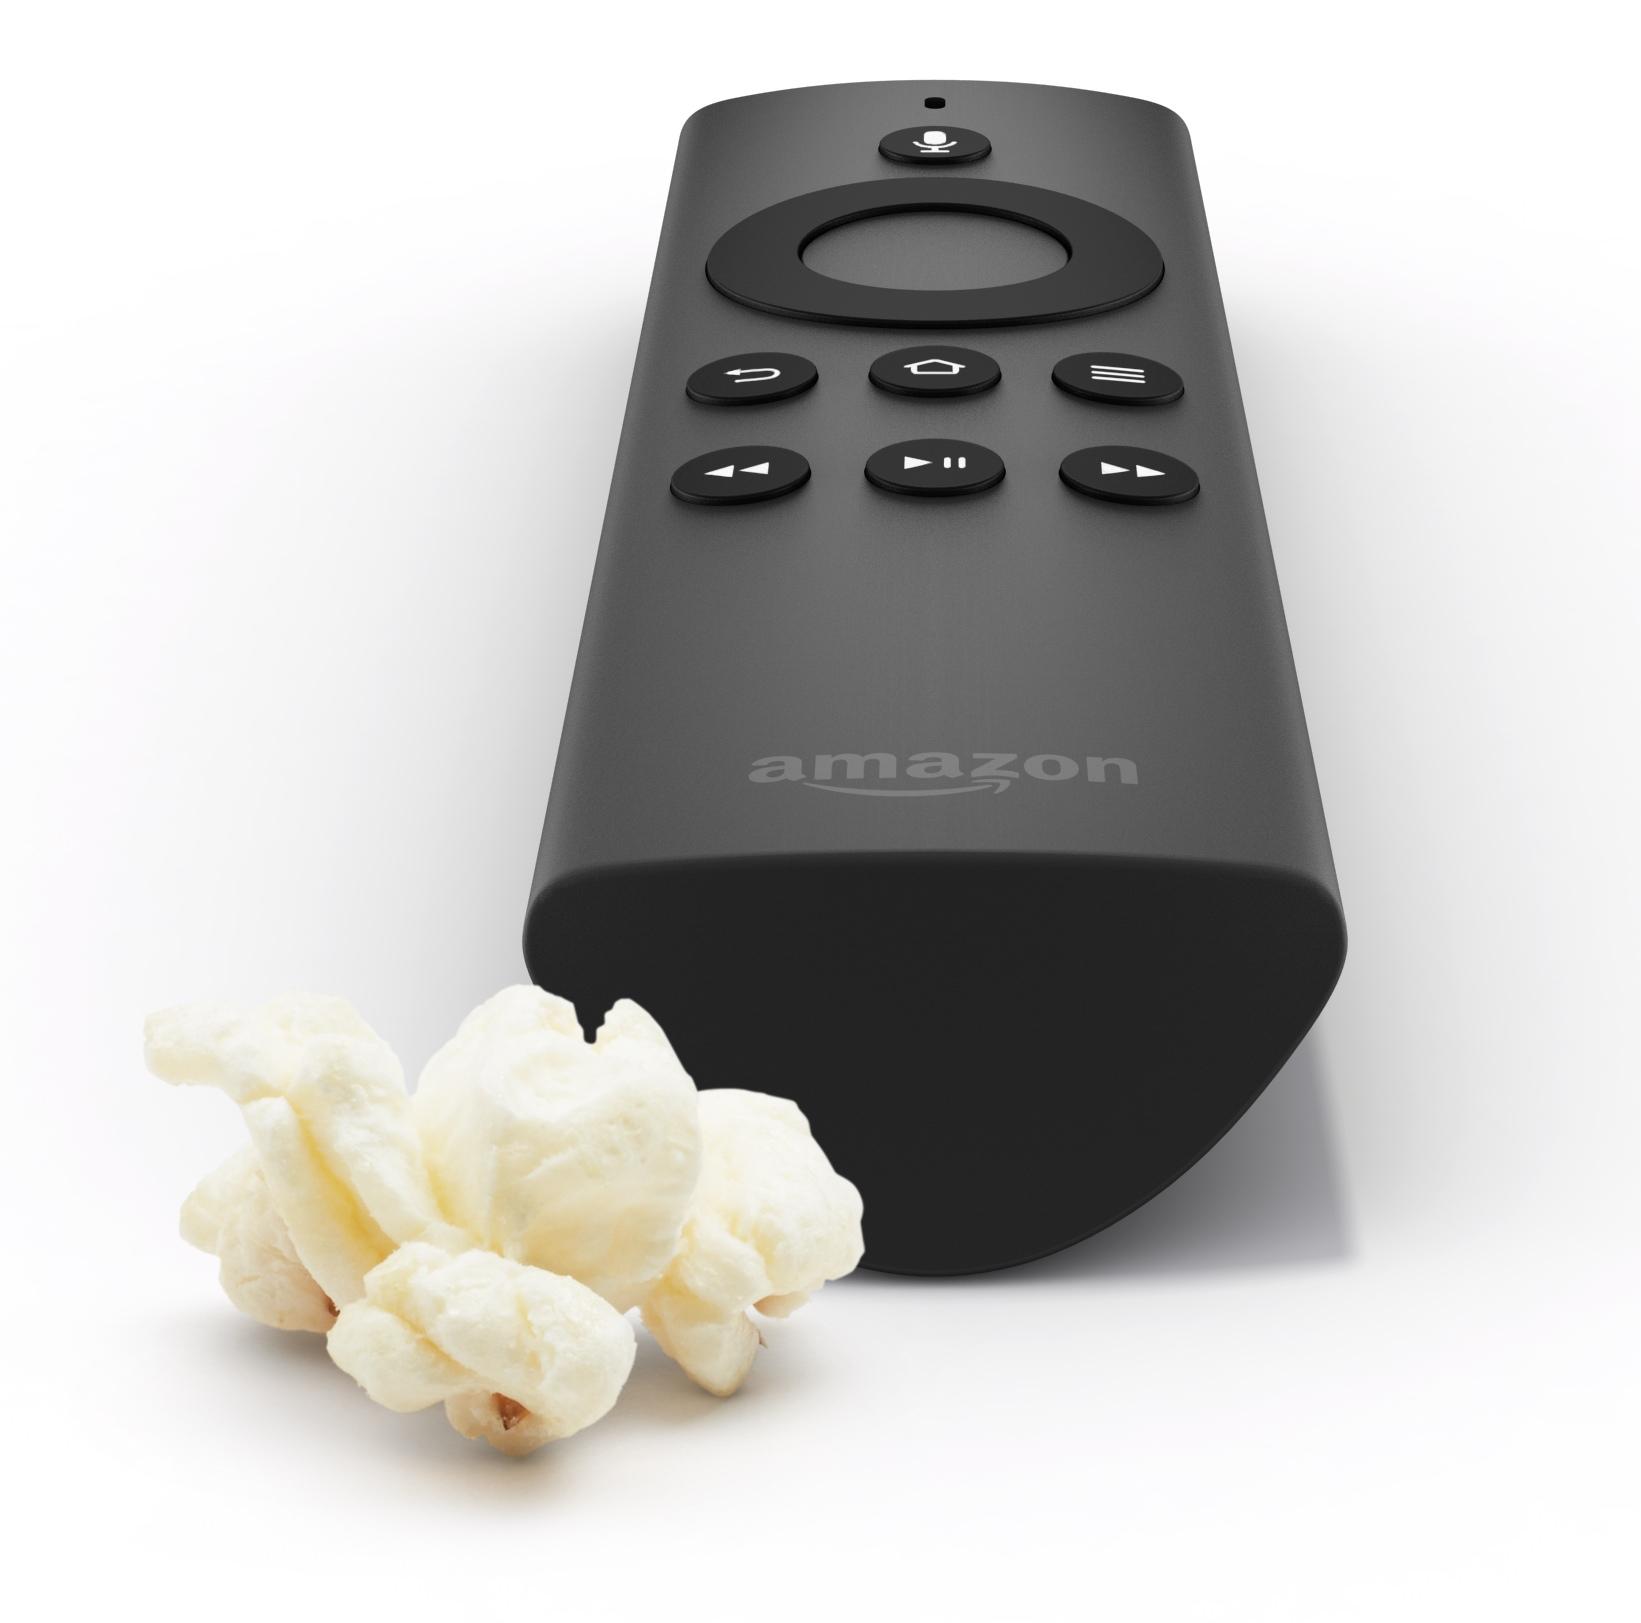 Amazon Fire Remote (popcorn)